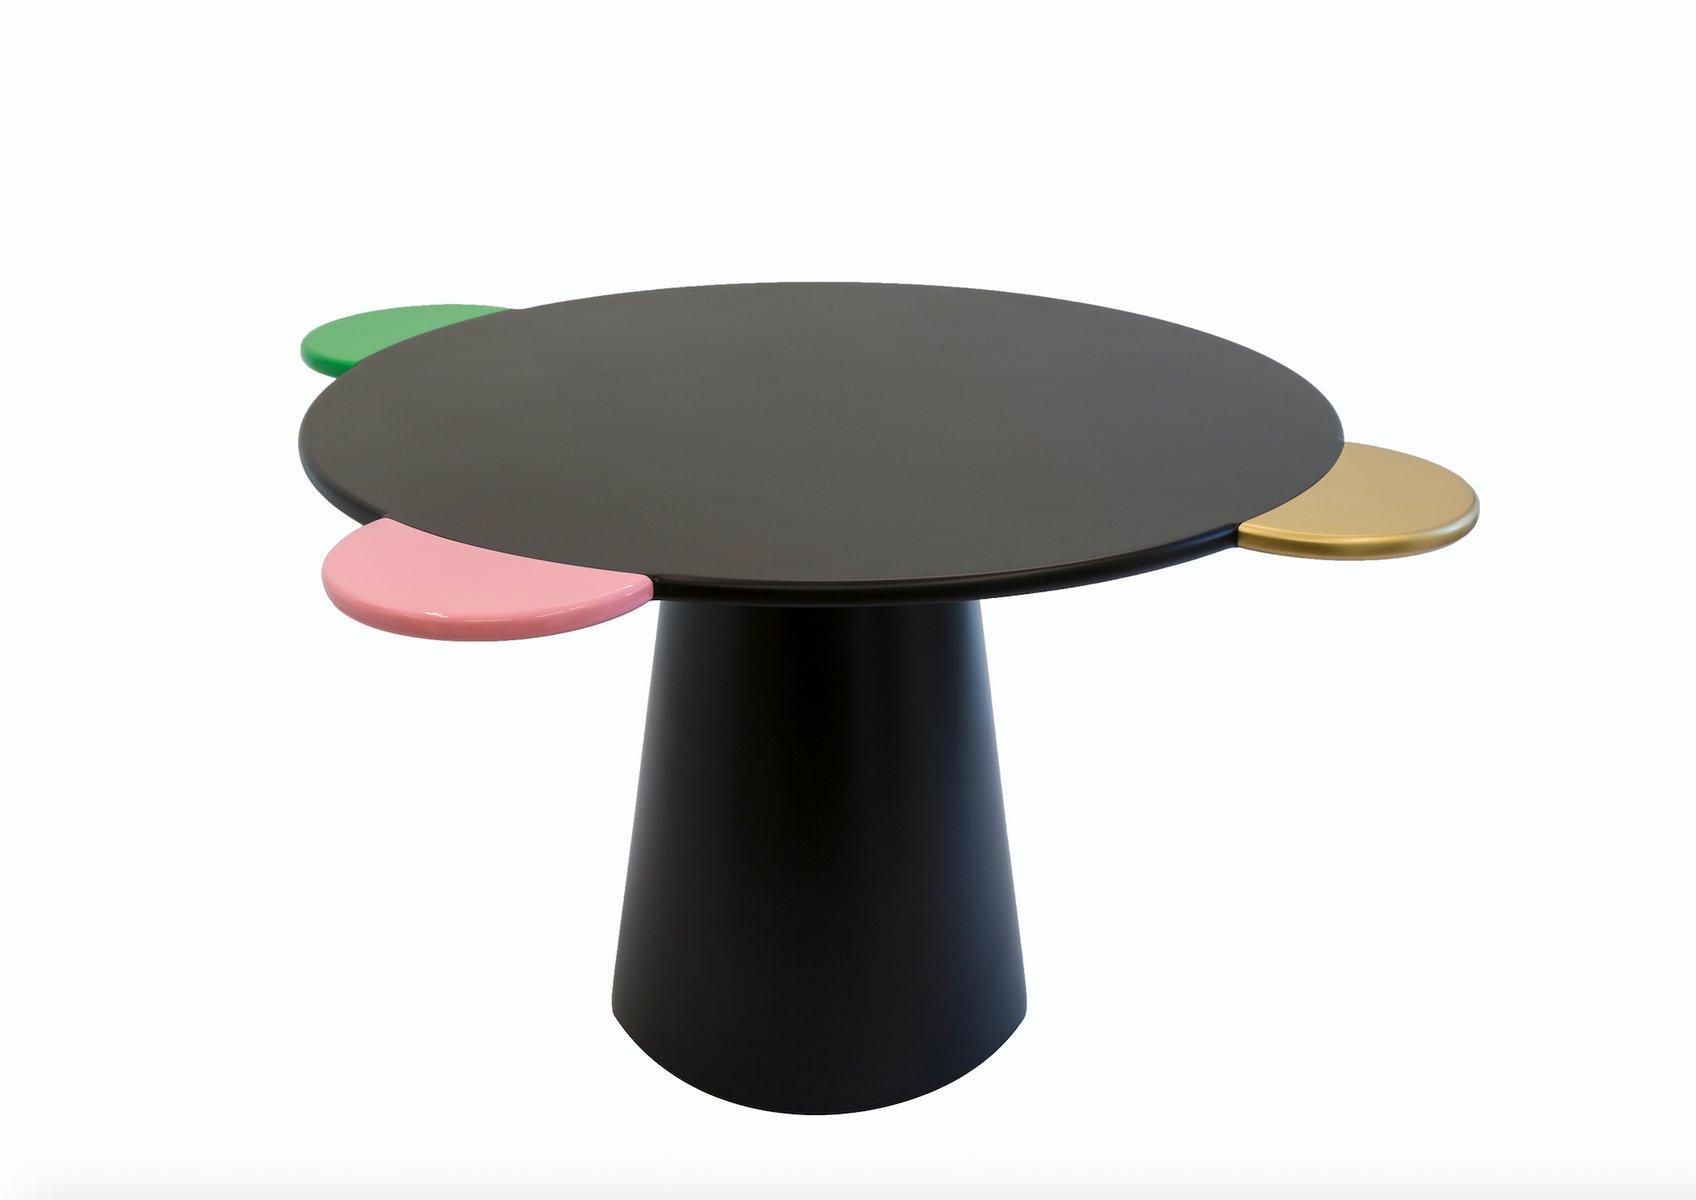 Schwarzer donald tisch von chapel petrassi bei pamono kaufen for Schwarzer tisch